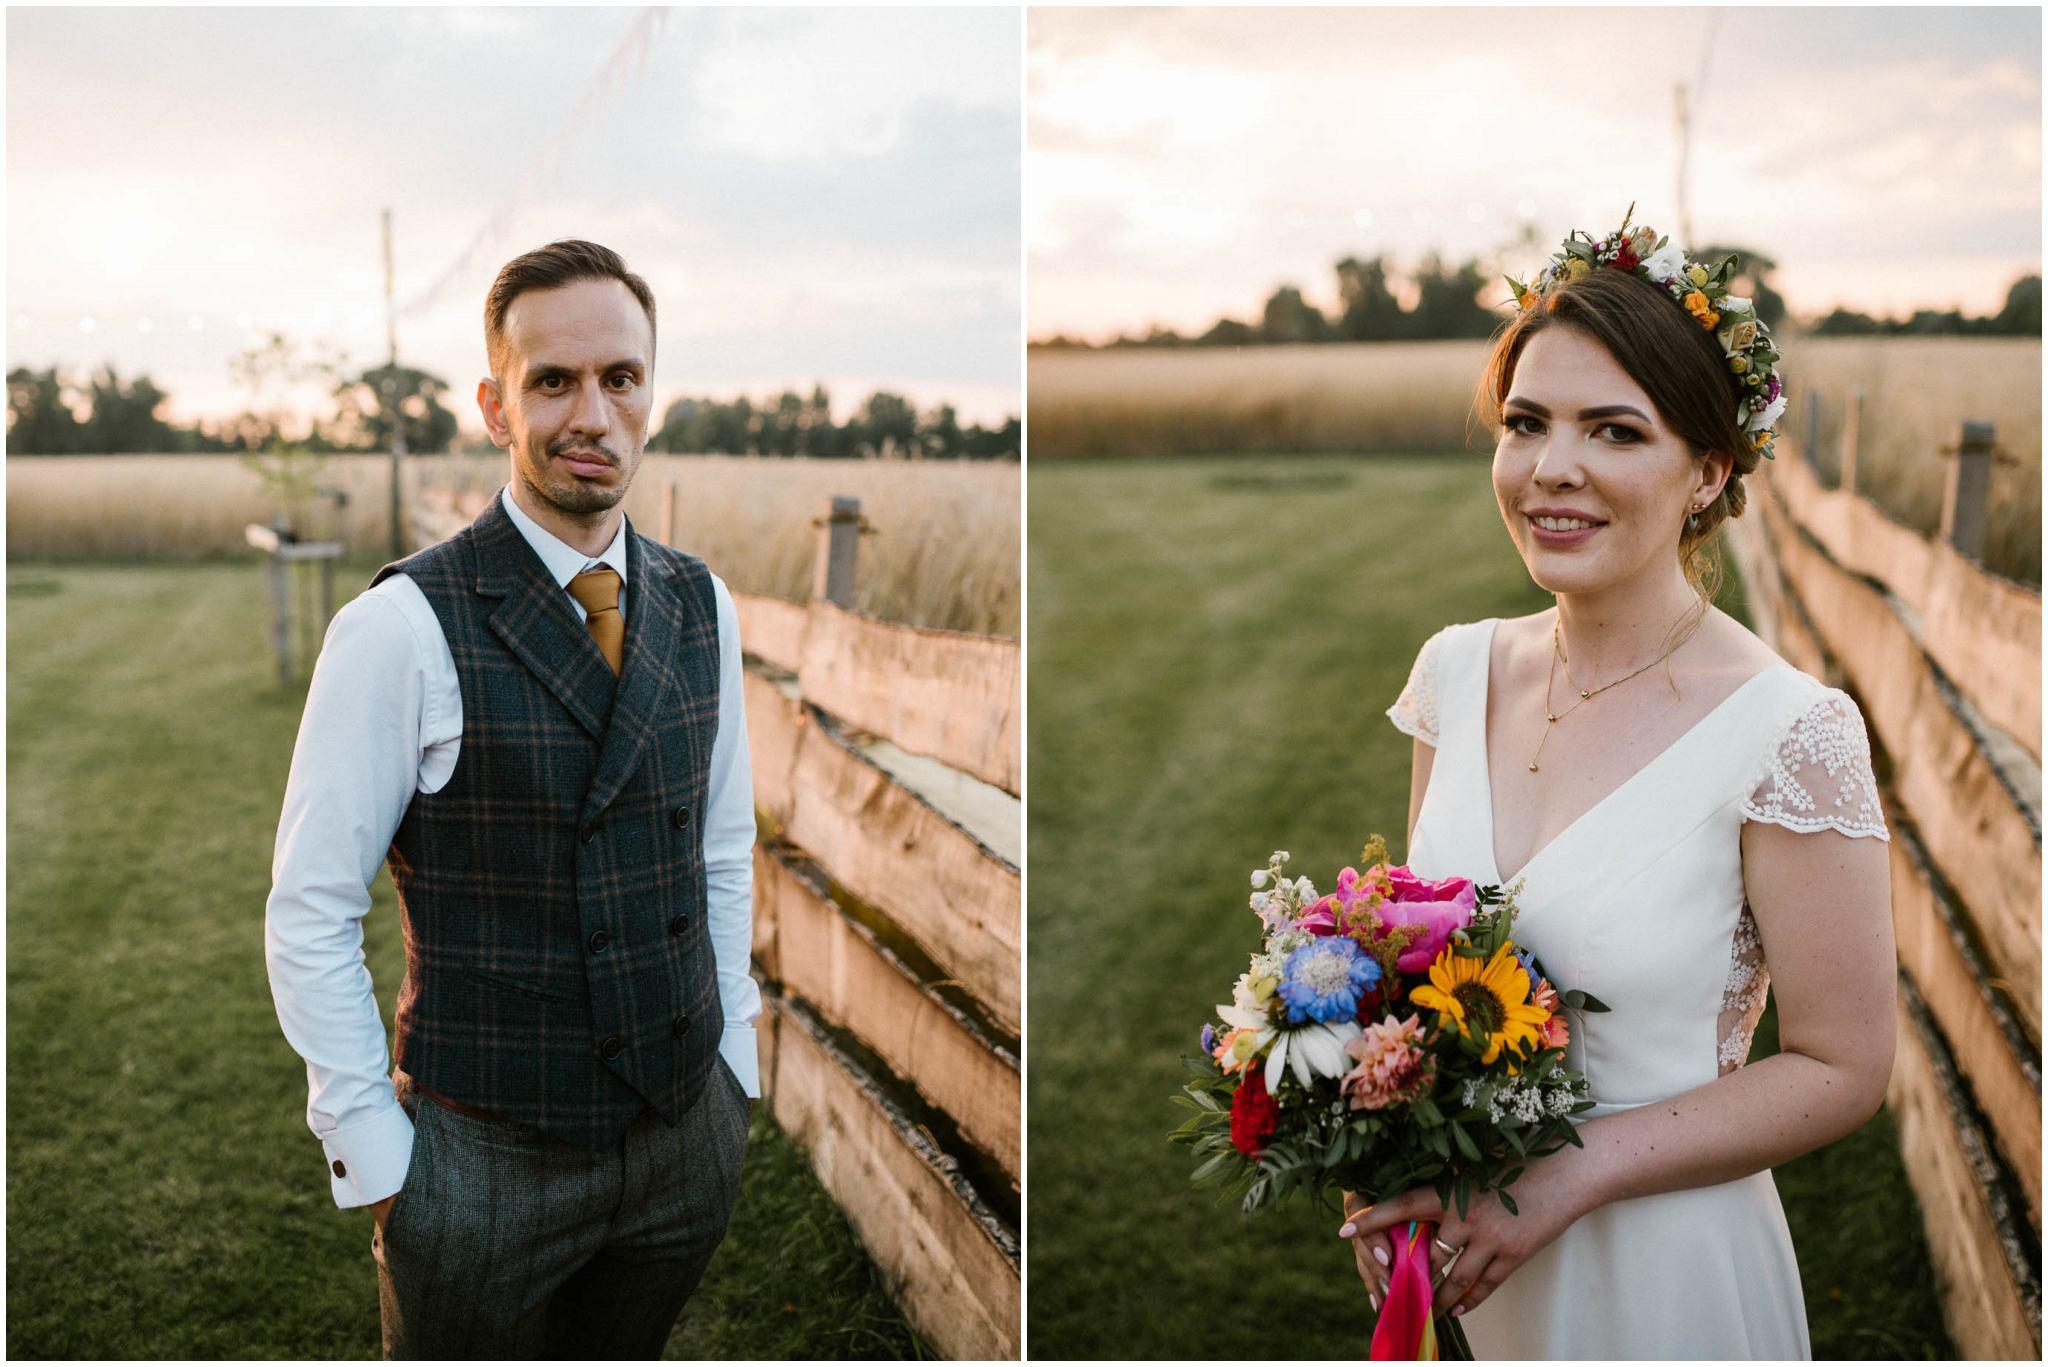 Pan młody i panna młoda - sesja ślubna w plenerze w Dyrkowie przy stodole